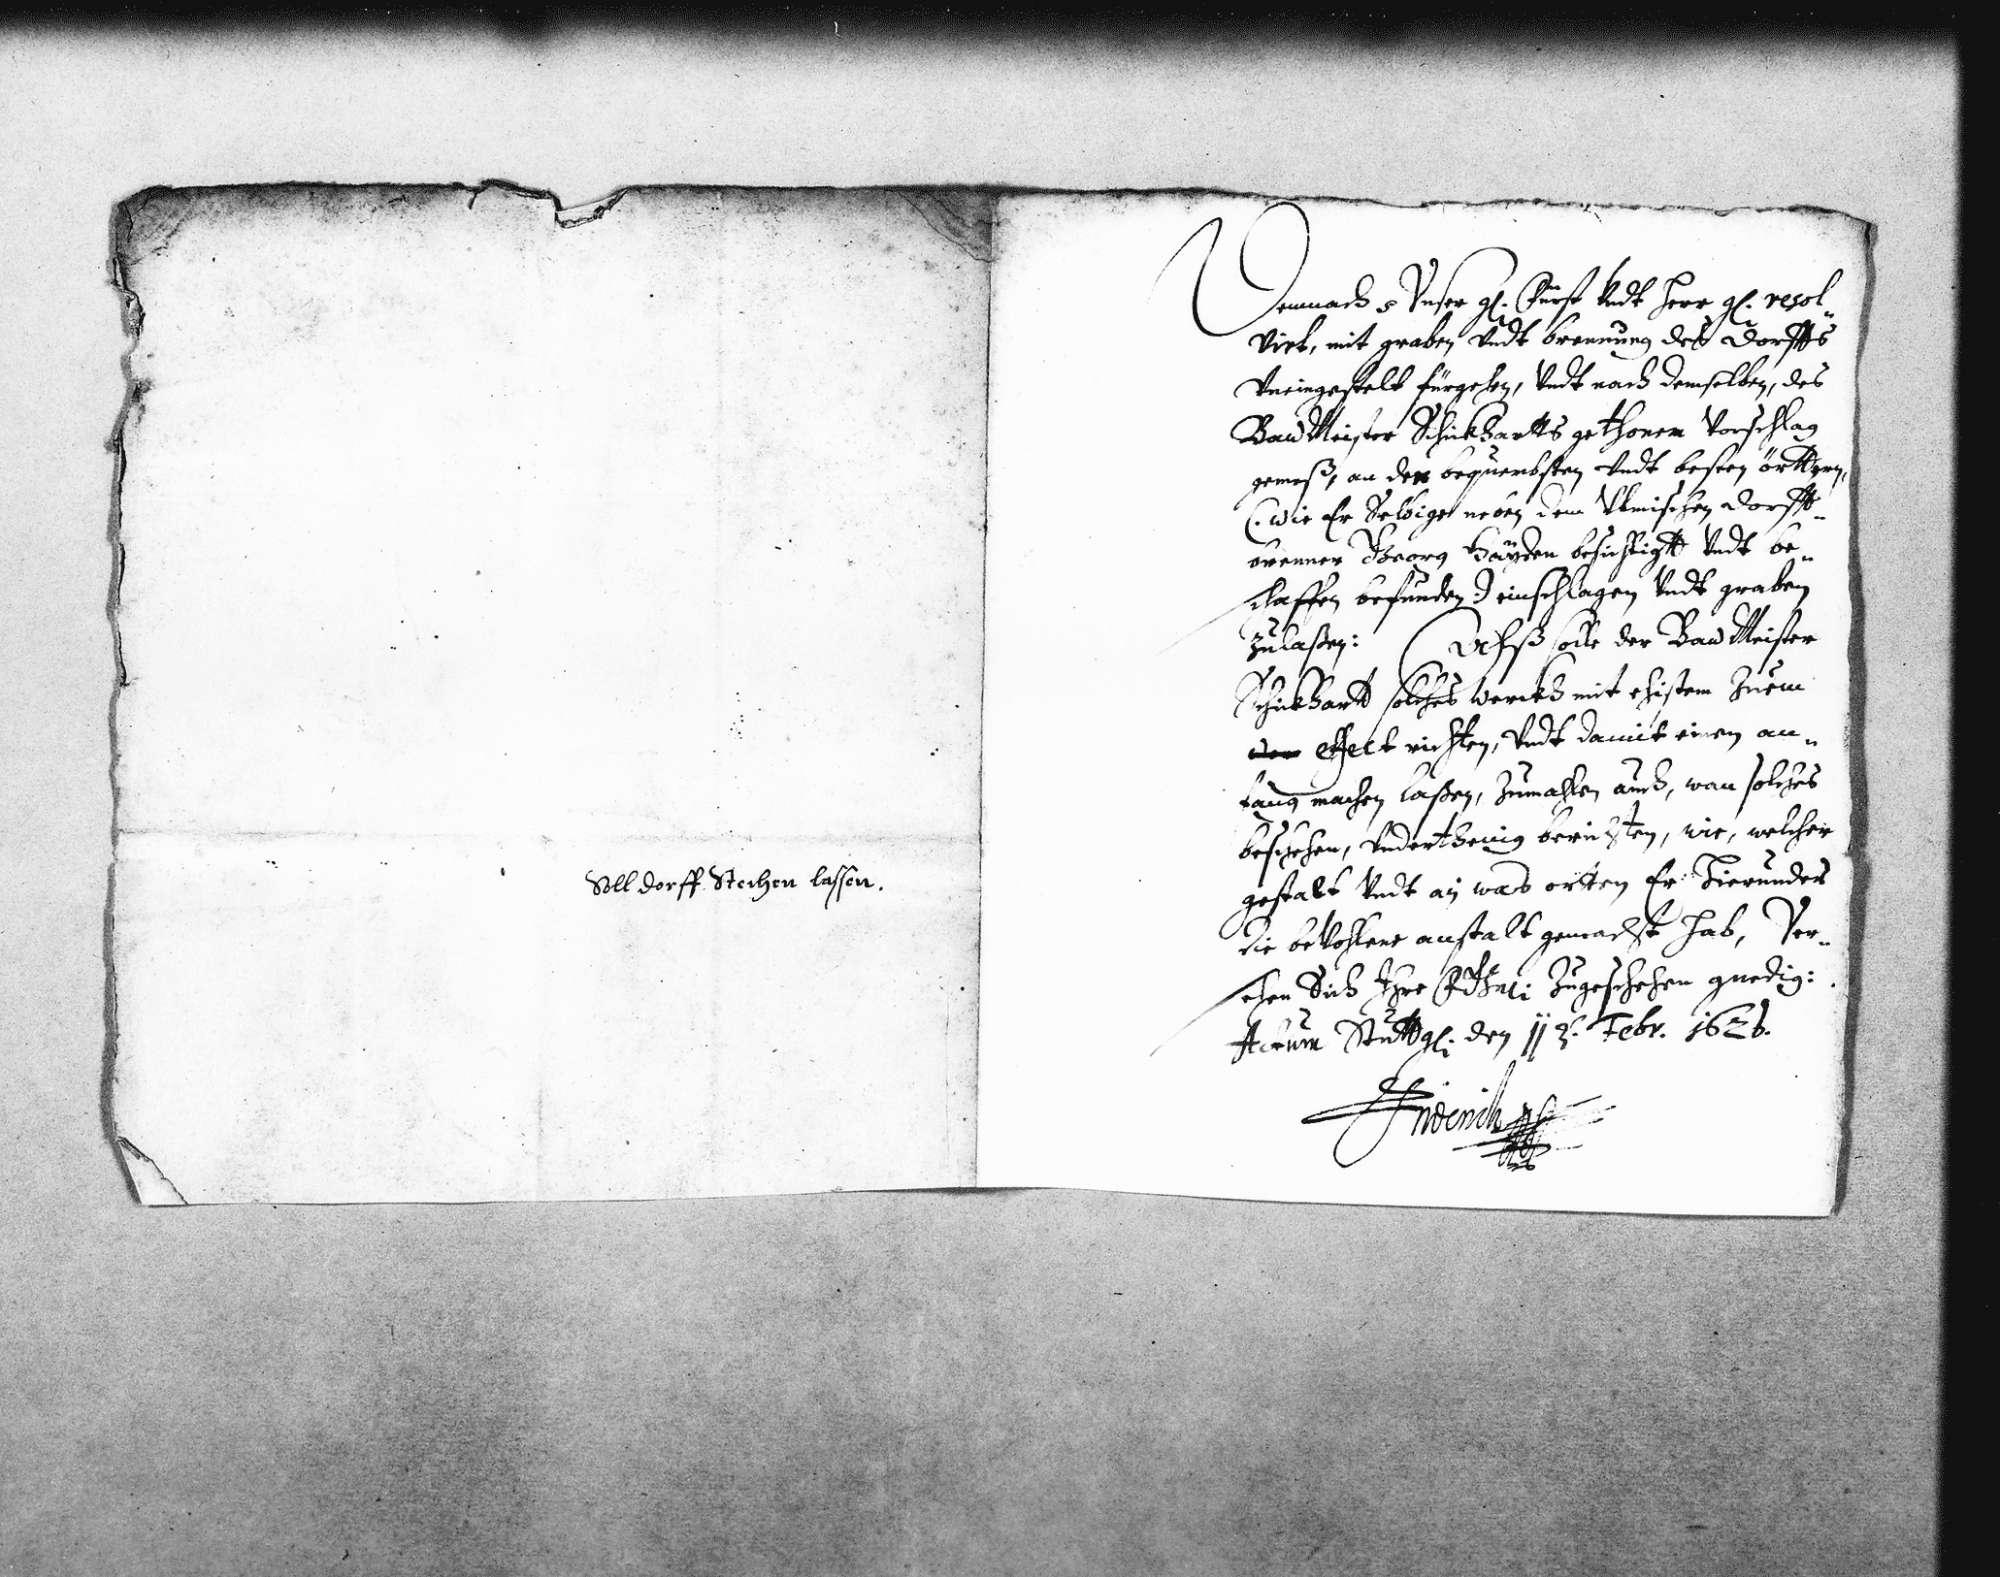 Reskript Herzog (Johann) Friedrichs an Schickhardt für Nachforschungen zu Torflagerstätten, mit eigenhändiger Unterschrift des Herzogs (Folio Doppelblatt), Bild 1